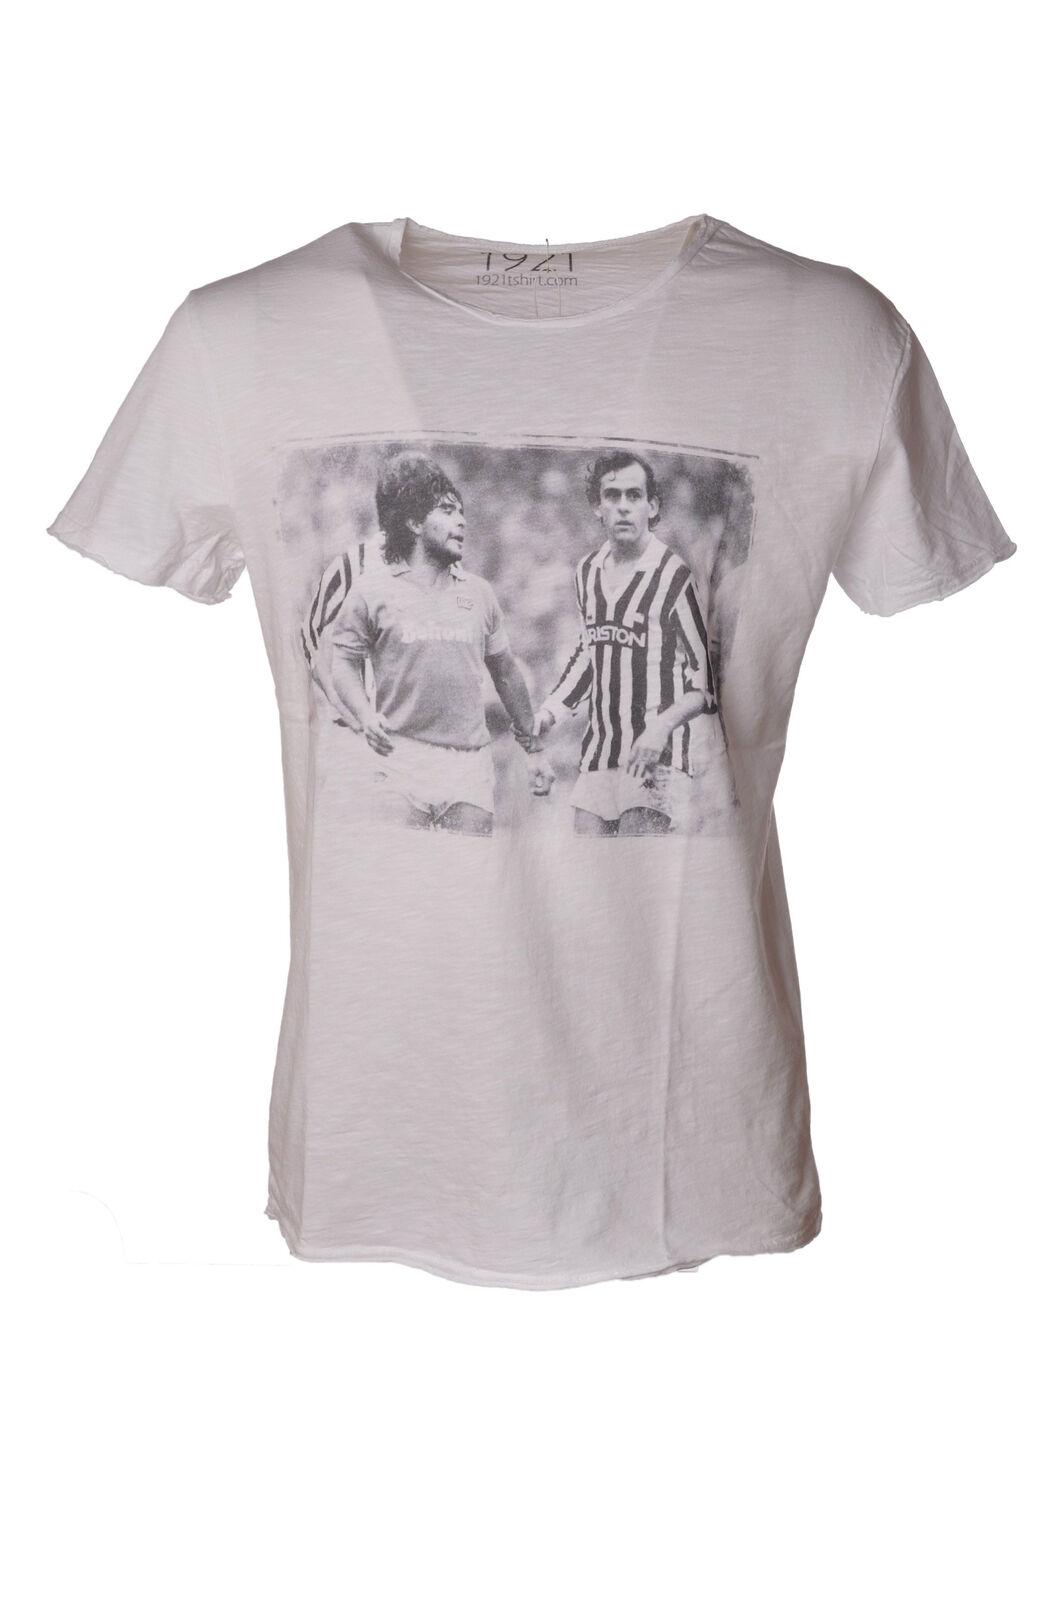 1921 - Topwear-T-shirts - Man - Weiß - 4044621G181255